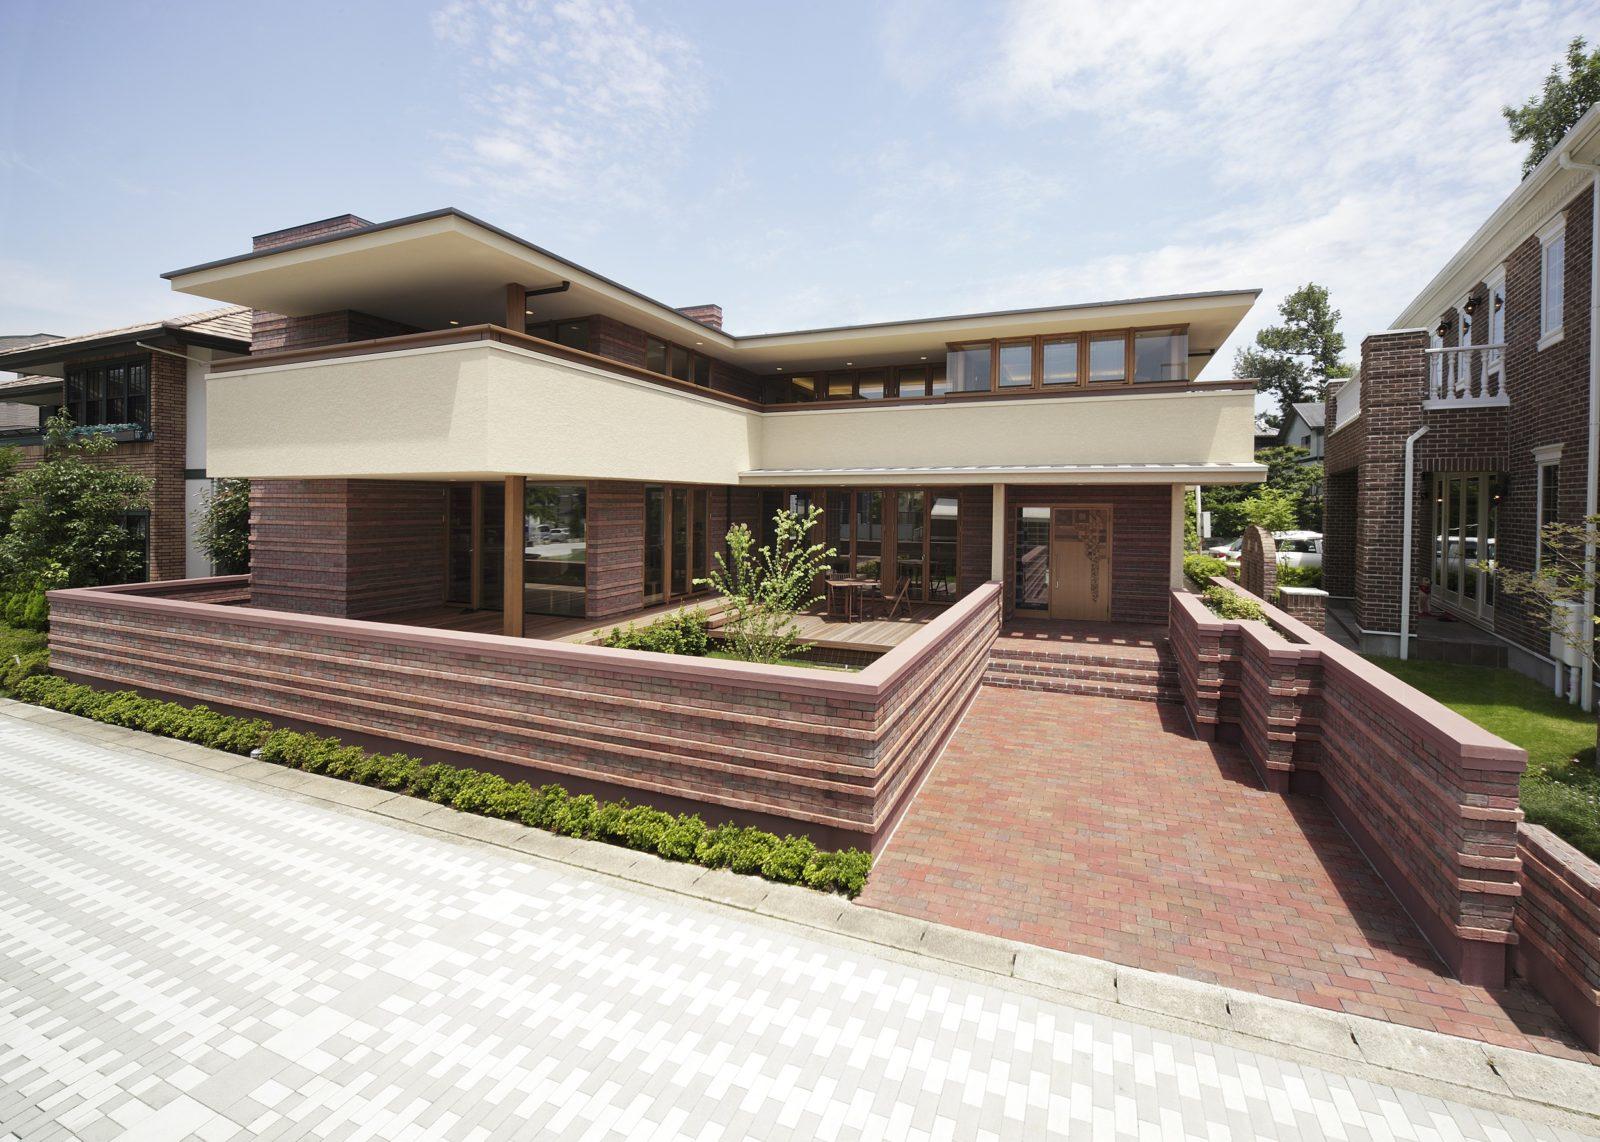 住宅外観・アプローチ(アザレア)オーガニックハウス